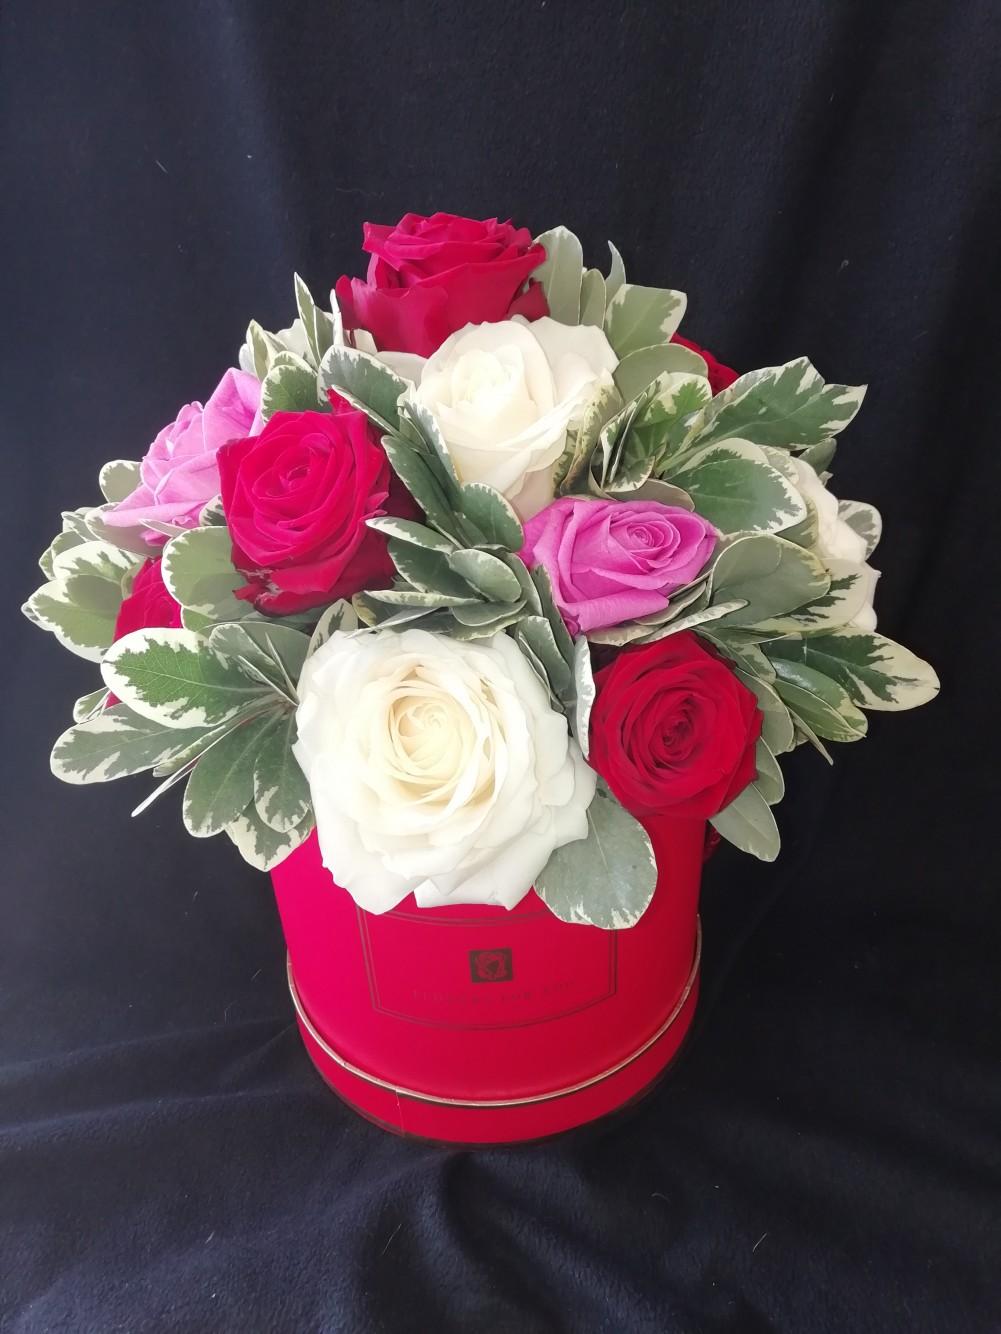 Roses Hatbox